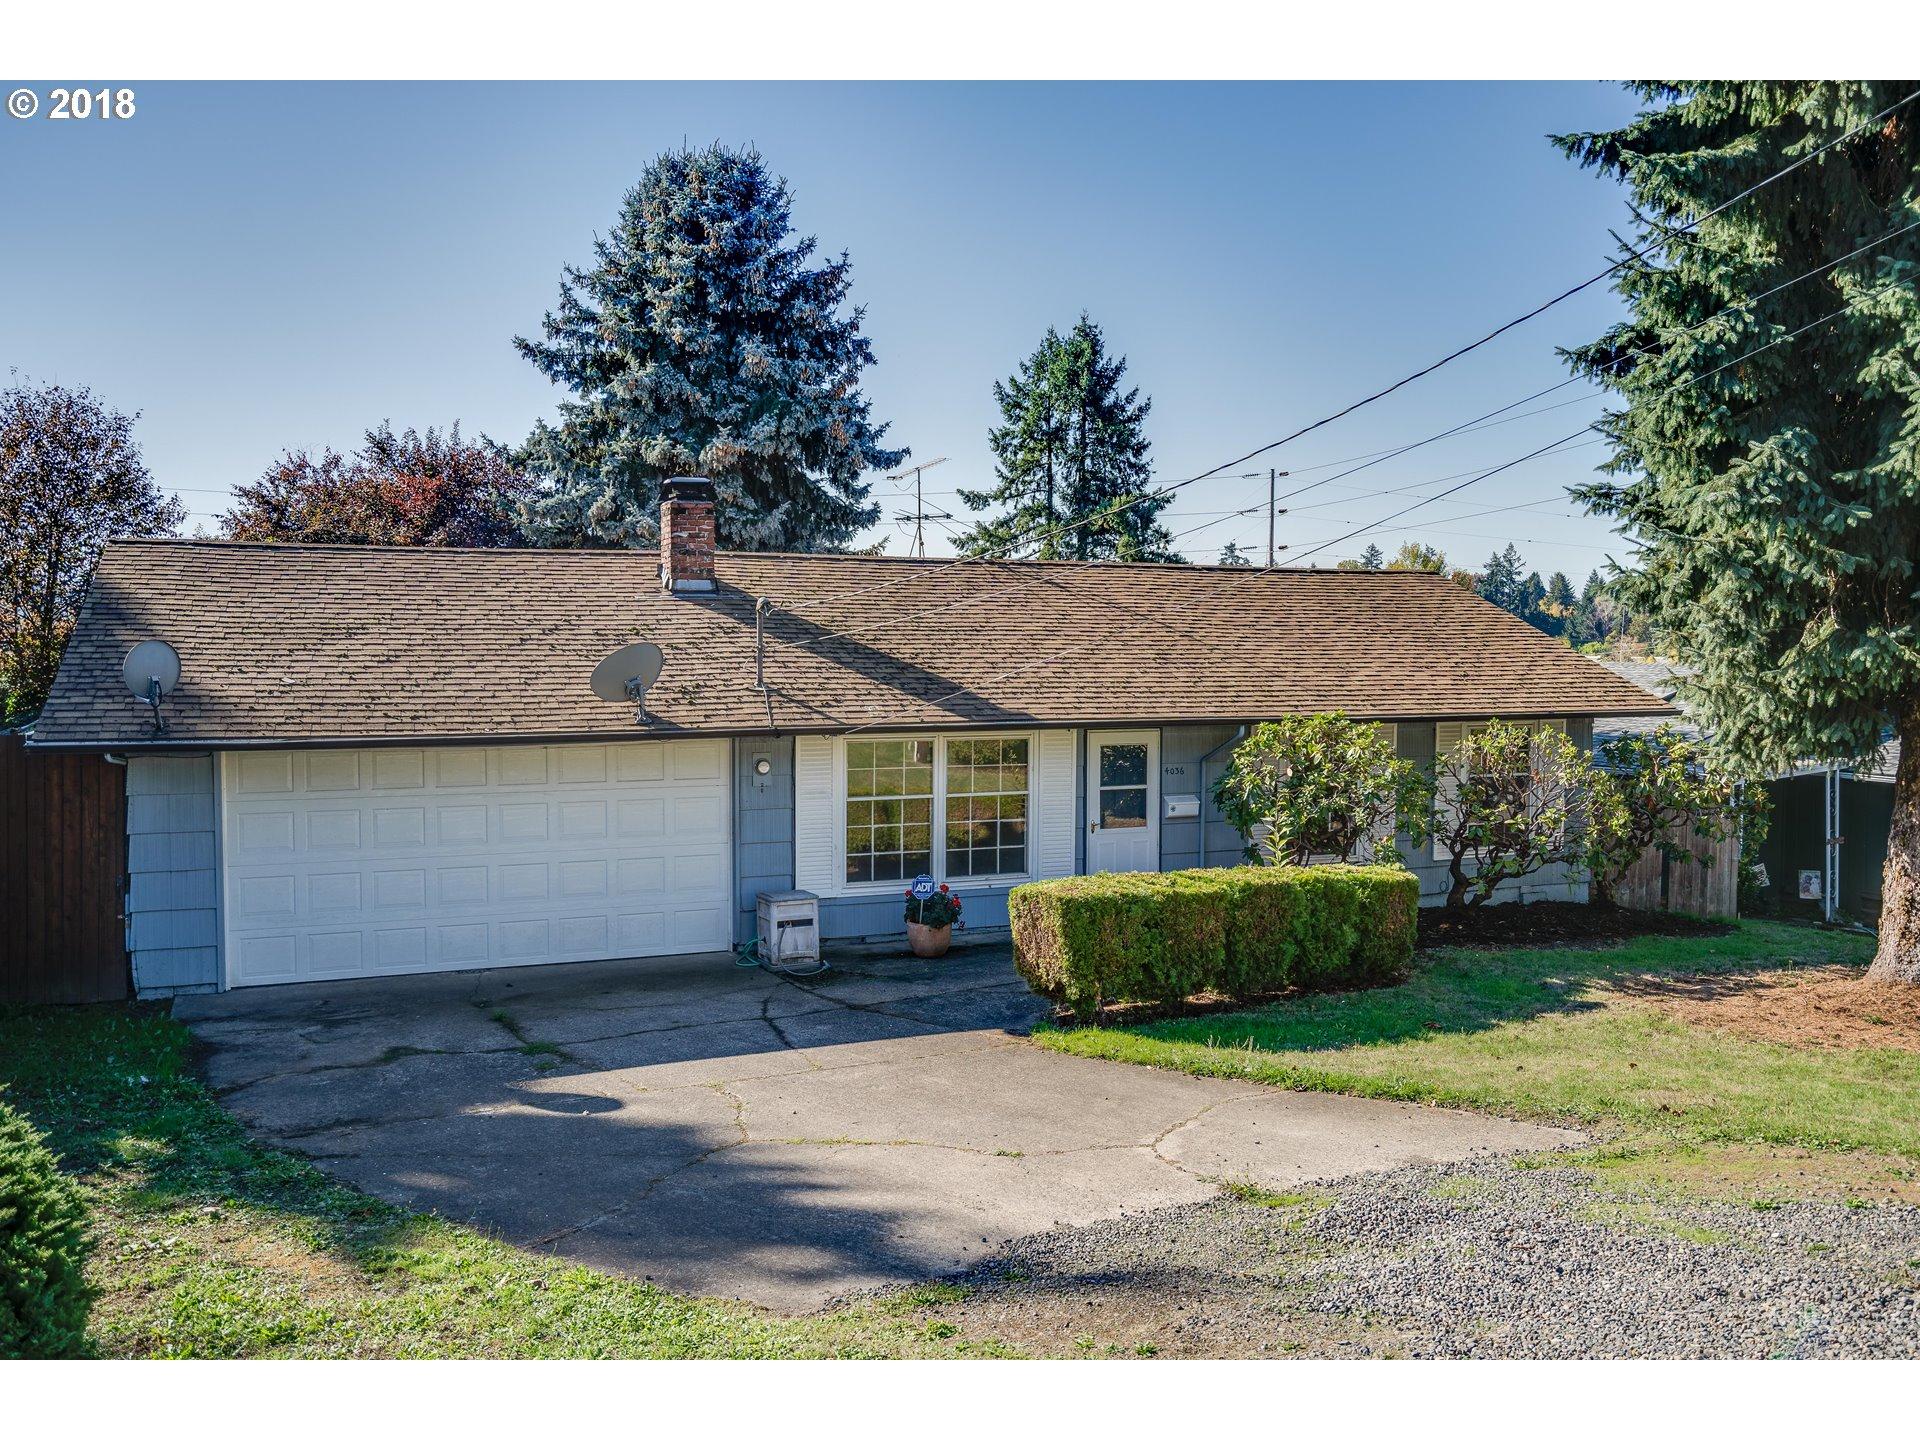 4036 SE ADAMS ST Milwaukie, OR 97222 - MLS #: 18562751